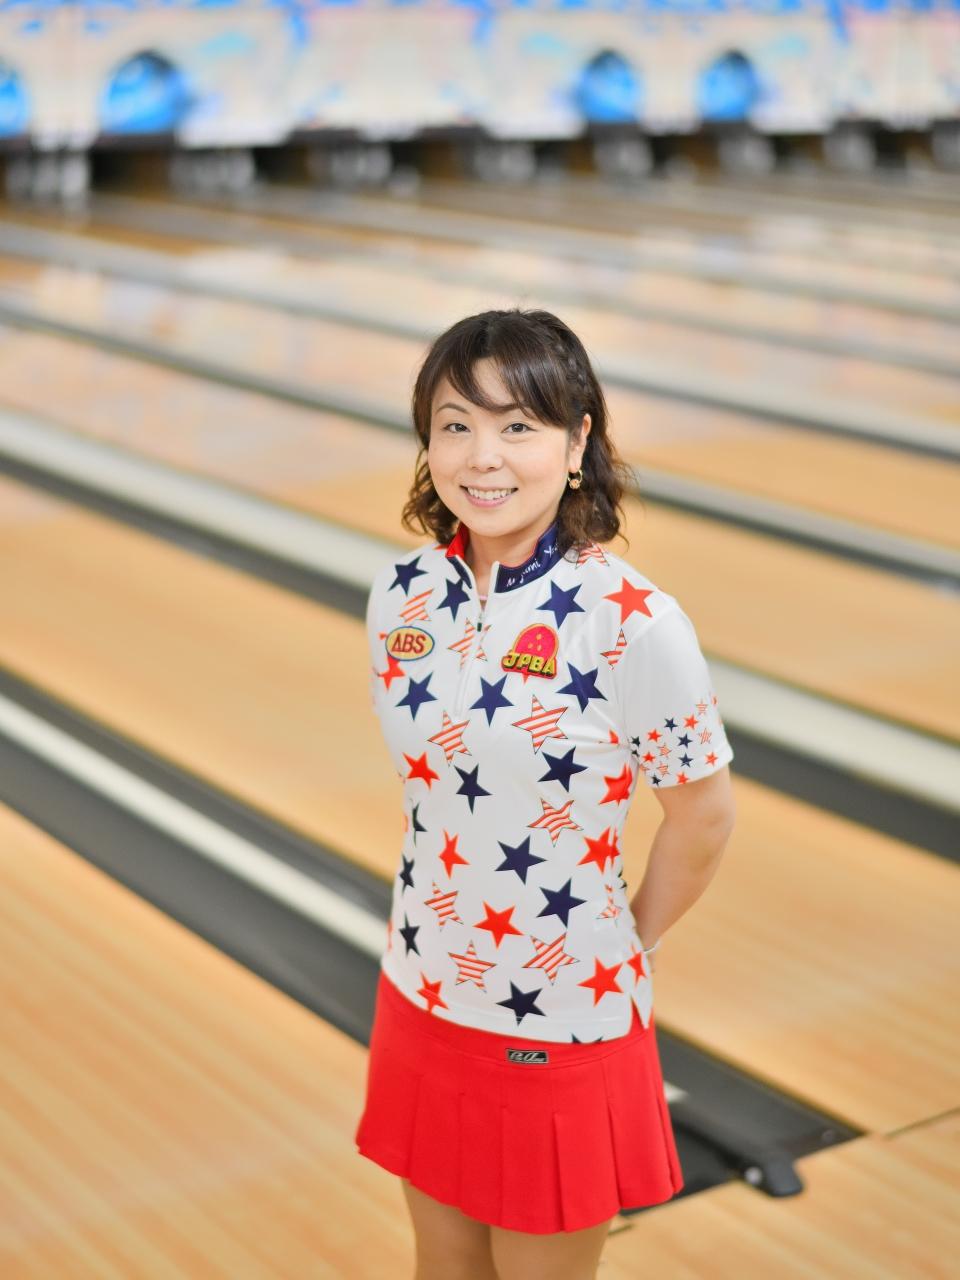 約1年近くぶりにご登場いただきました吉田真由美プロ。吉田プロが投球するレーン周囲はいつも笑顔で絶えない様子でした。